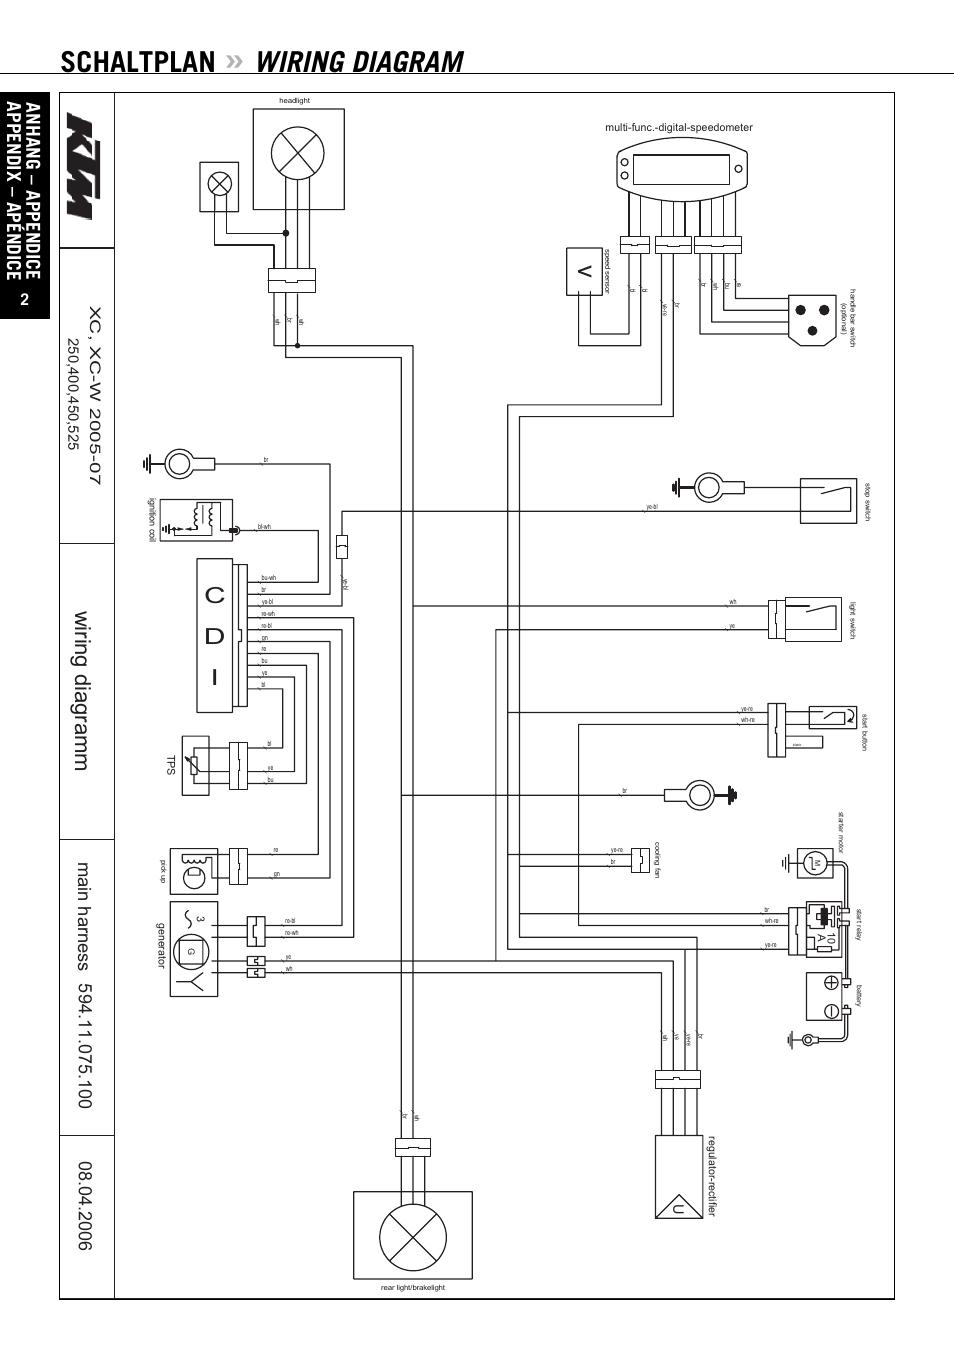 2012 ktm wiring diagram wiring diagrams corektm 500 exc wiring diagram wiring diagrams lol mercury wiring diagram 2012 ktm wiring diagram